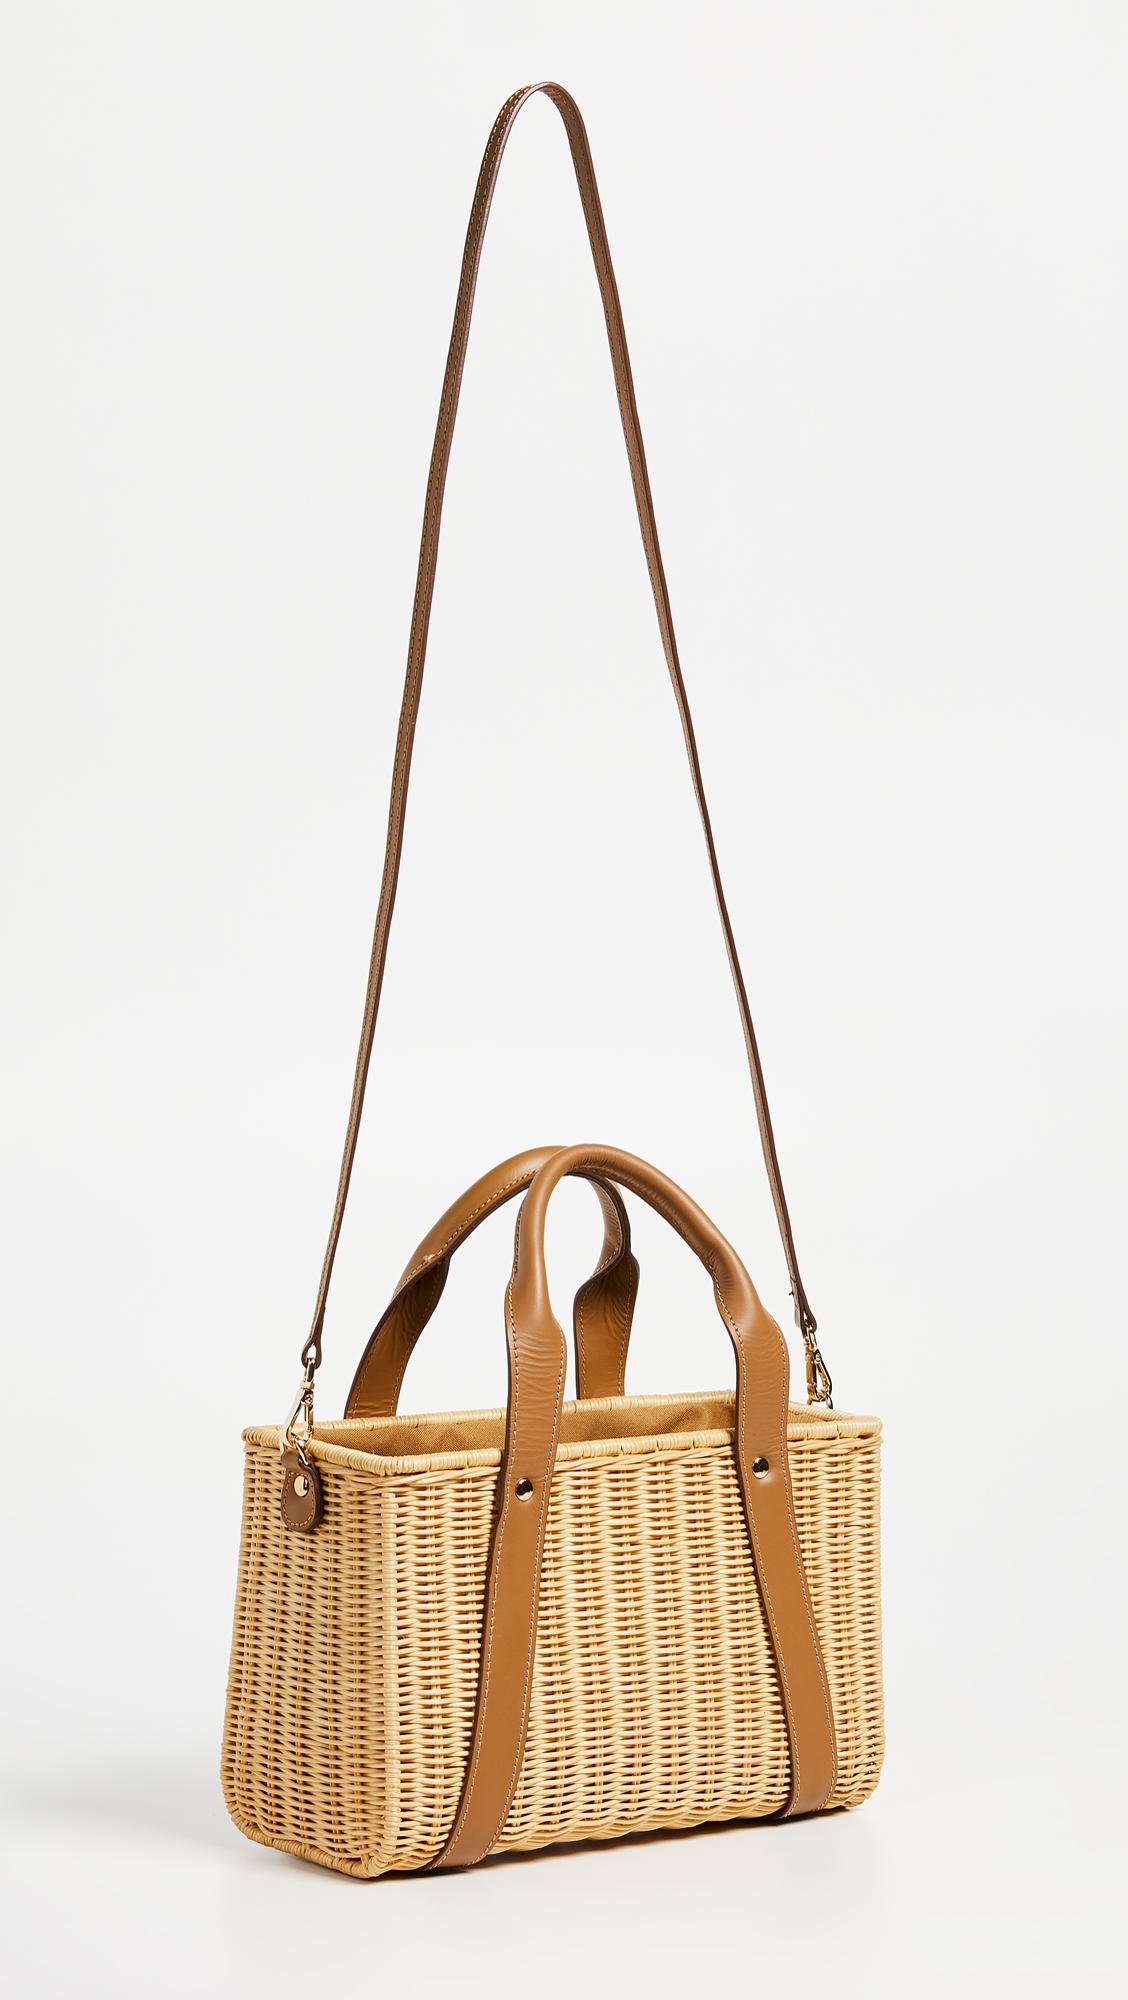 SHOPBOP Kayu Daisy Wicker Tote Bag